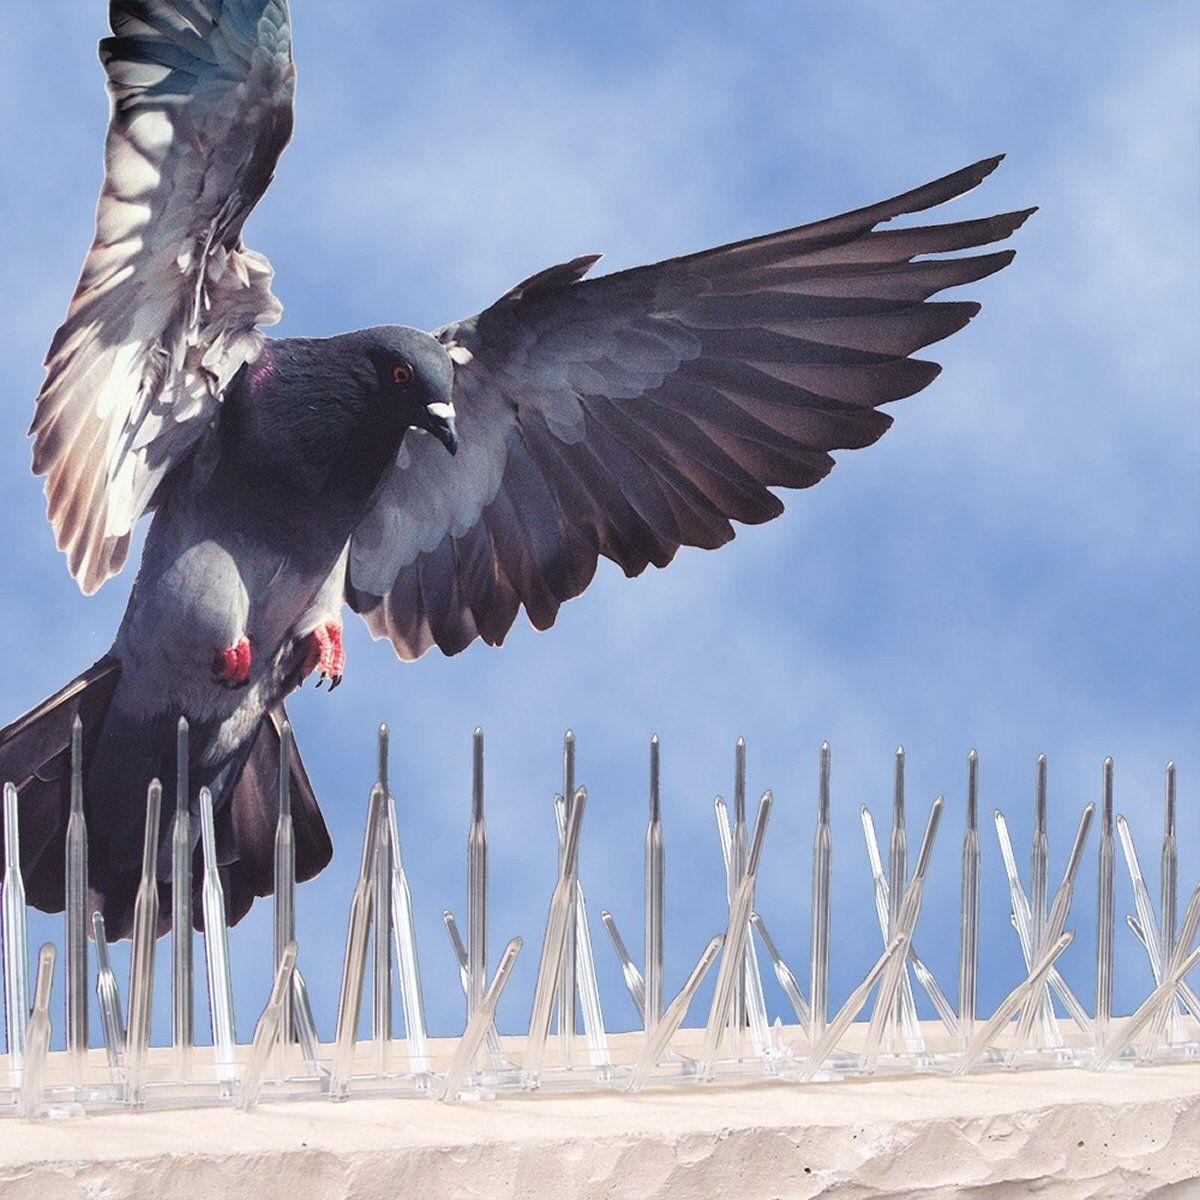 Plastic Bird Deterrent Spikes 5 in x 6 ft